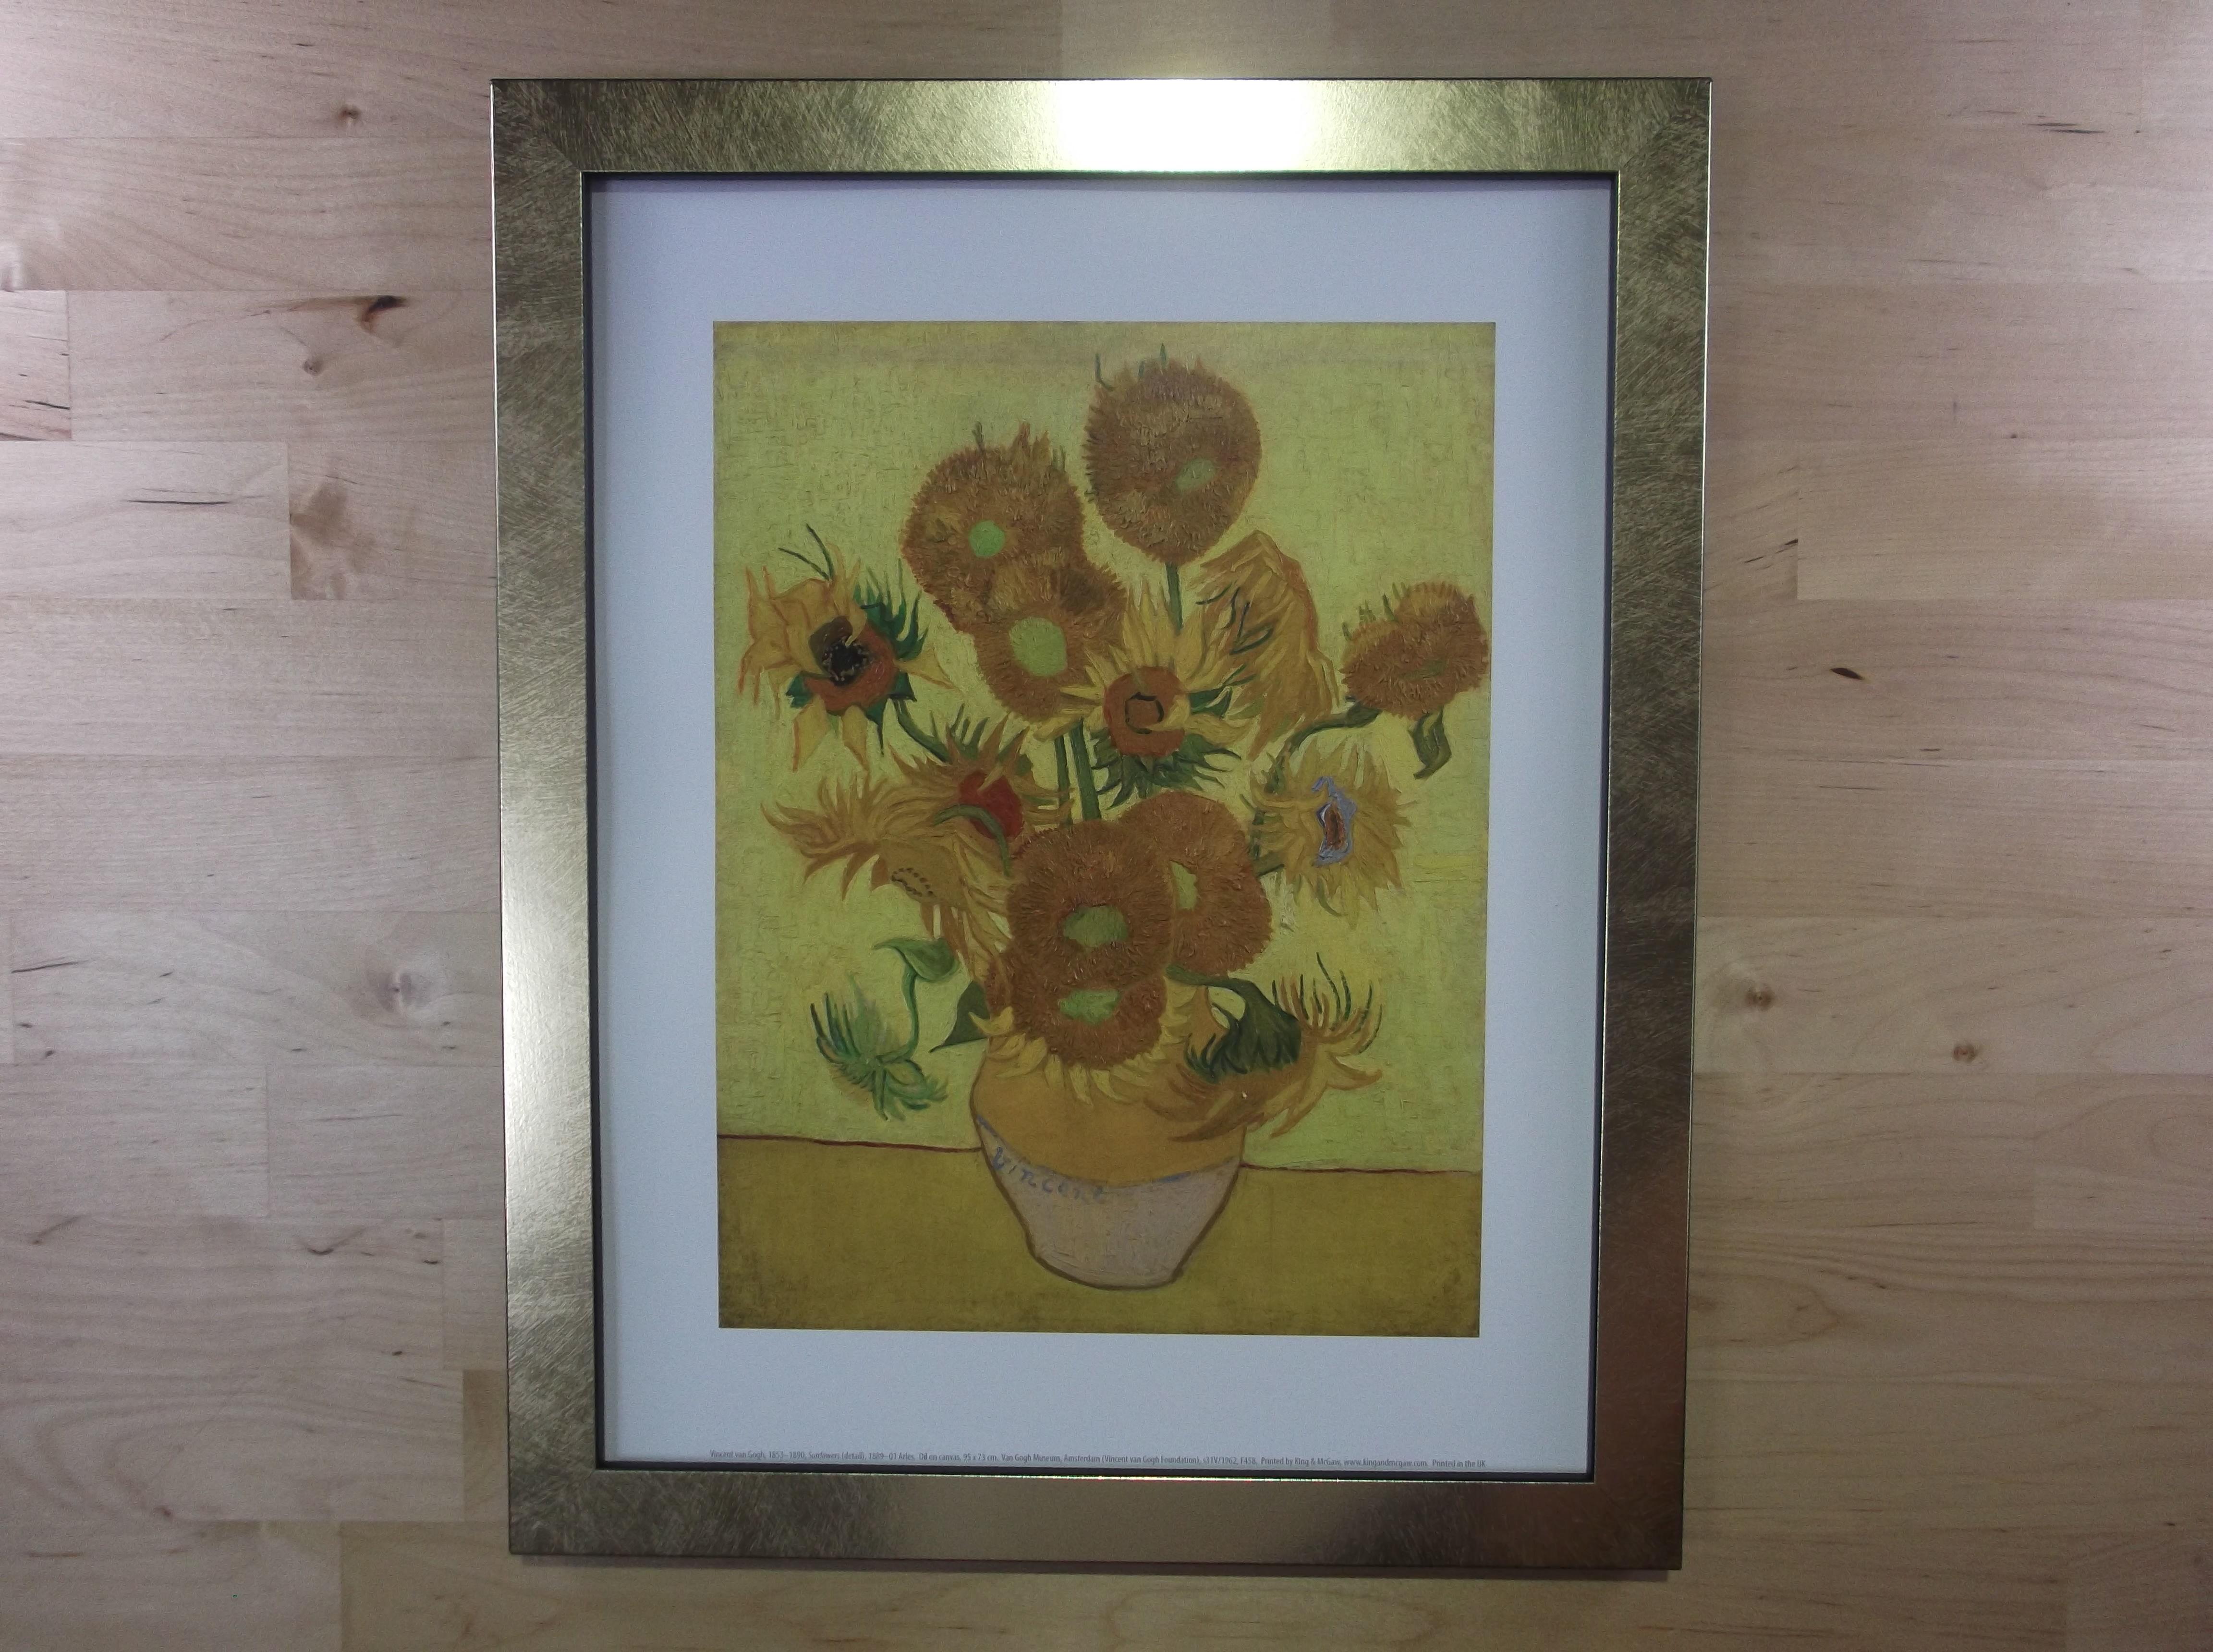 ゴッホ ひまわり ゴールド色額縁絵画プリント(オランダ ゴッホ美術館所蔵)